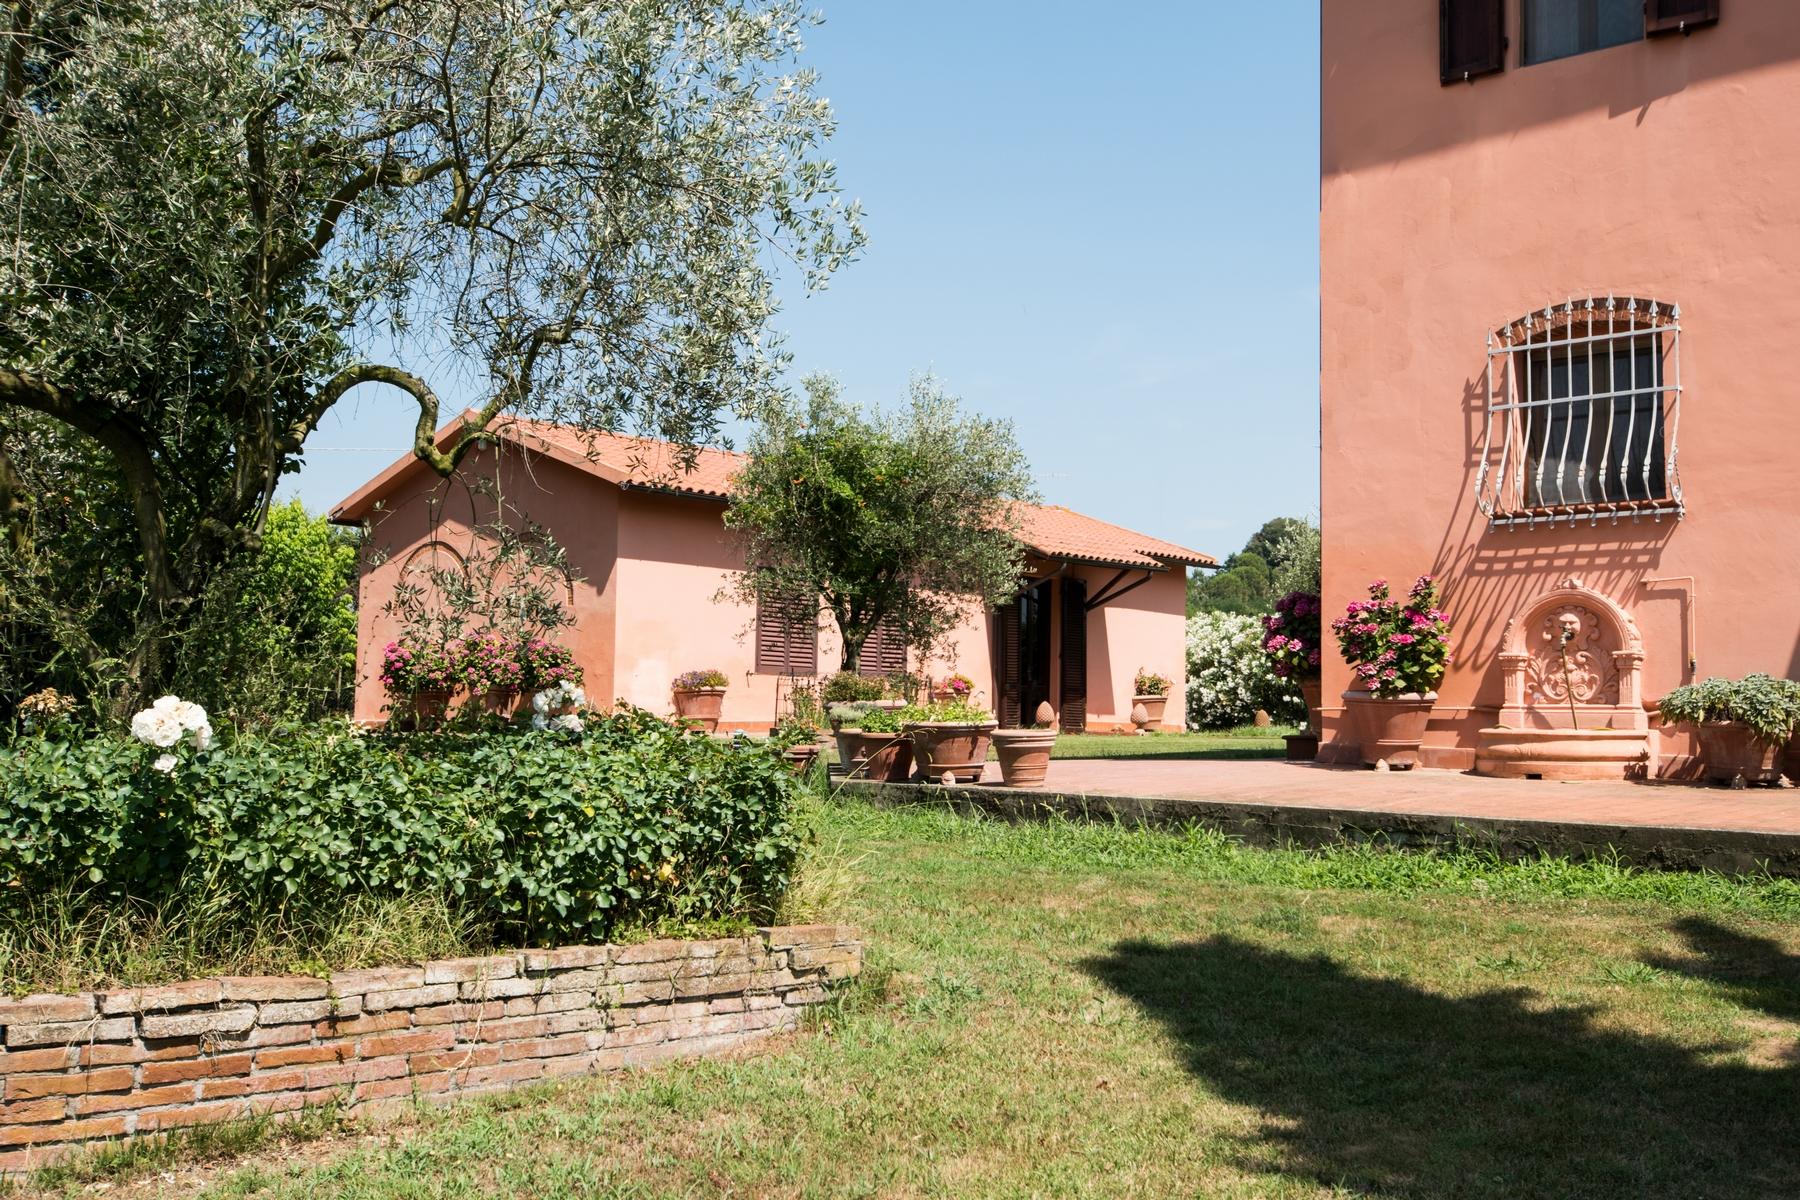 Villa in Vendita a Crespina: 5 locali, 354 mq - Foto 5